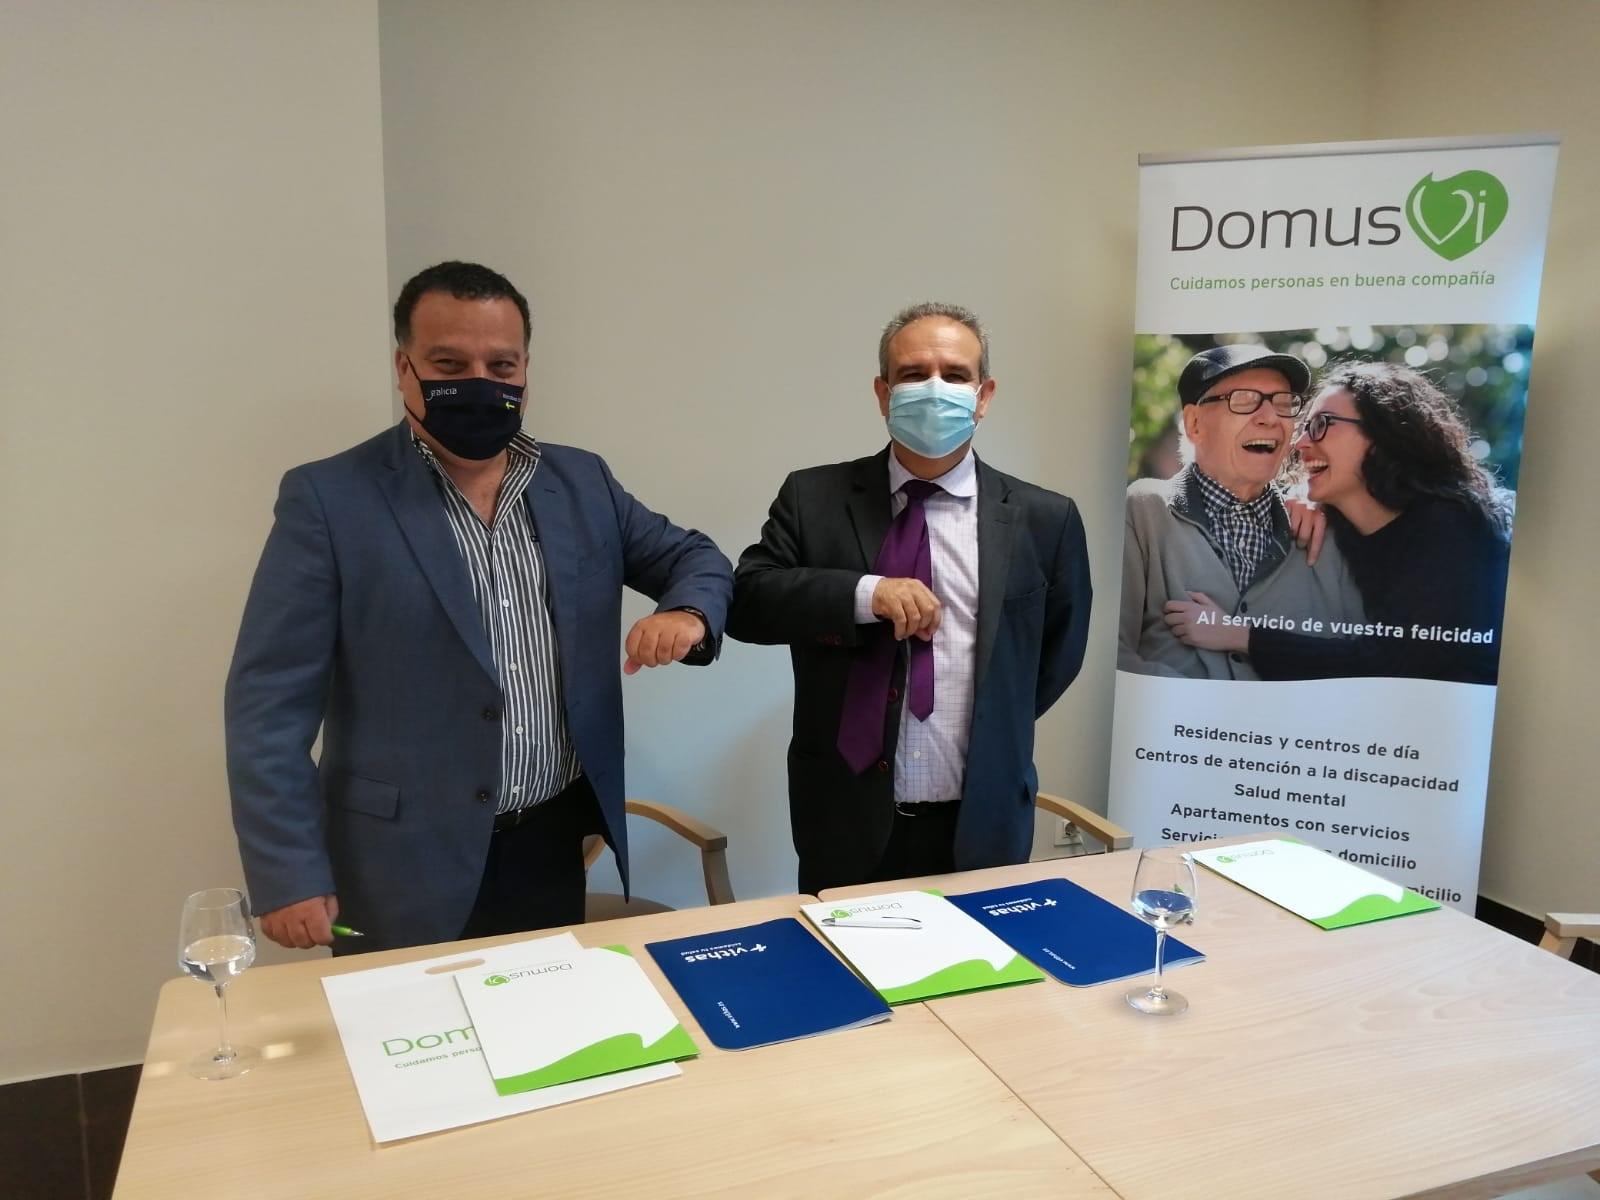 Convenio colaboración DomusVi y Hospital Vithas Fátima de Vigo